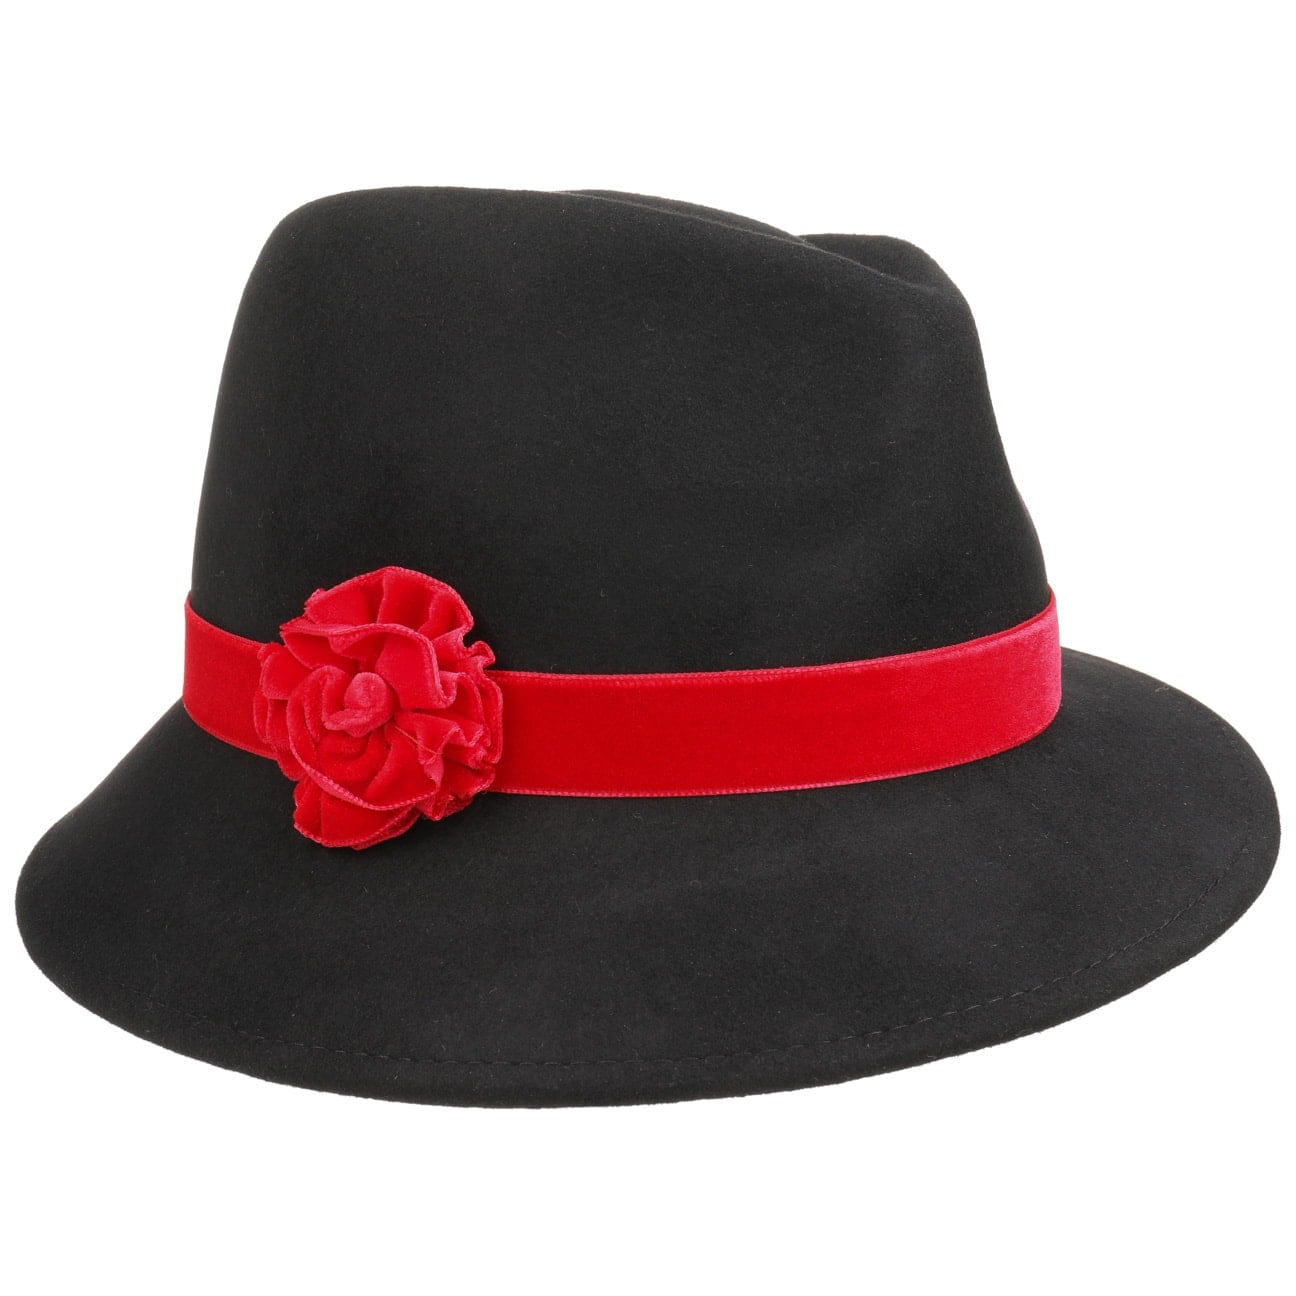 Chapeau pour Femme Velvet Flower by Lipodo  chapeau en feutre de laine